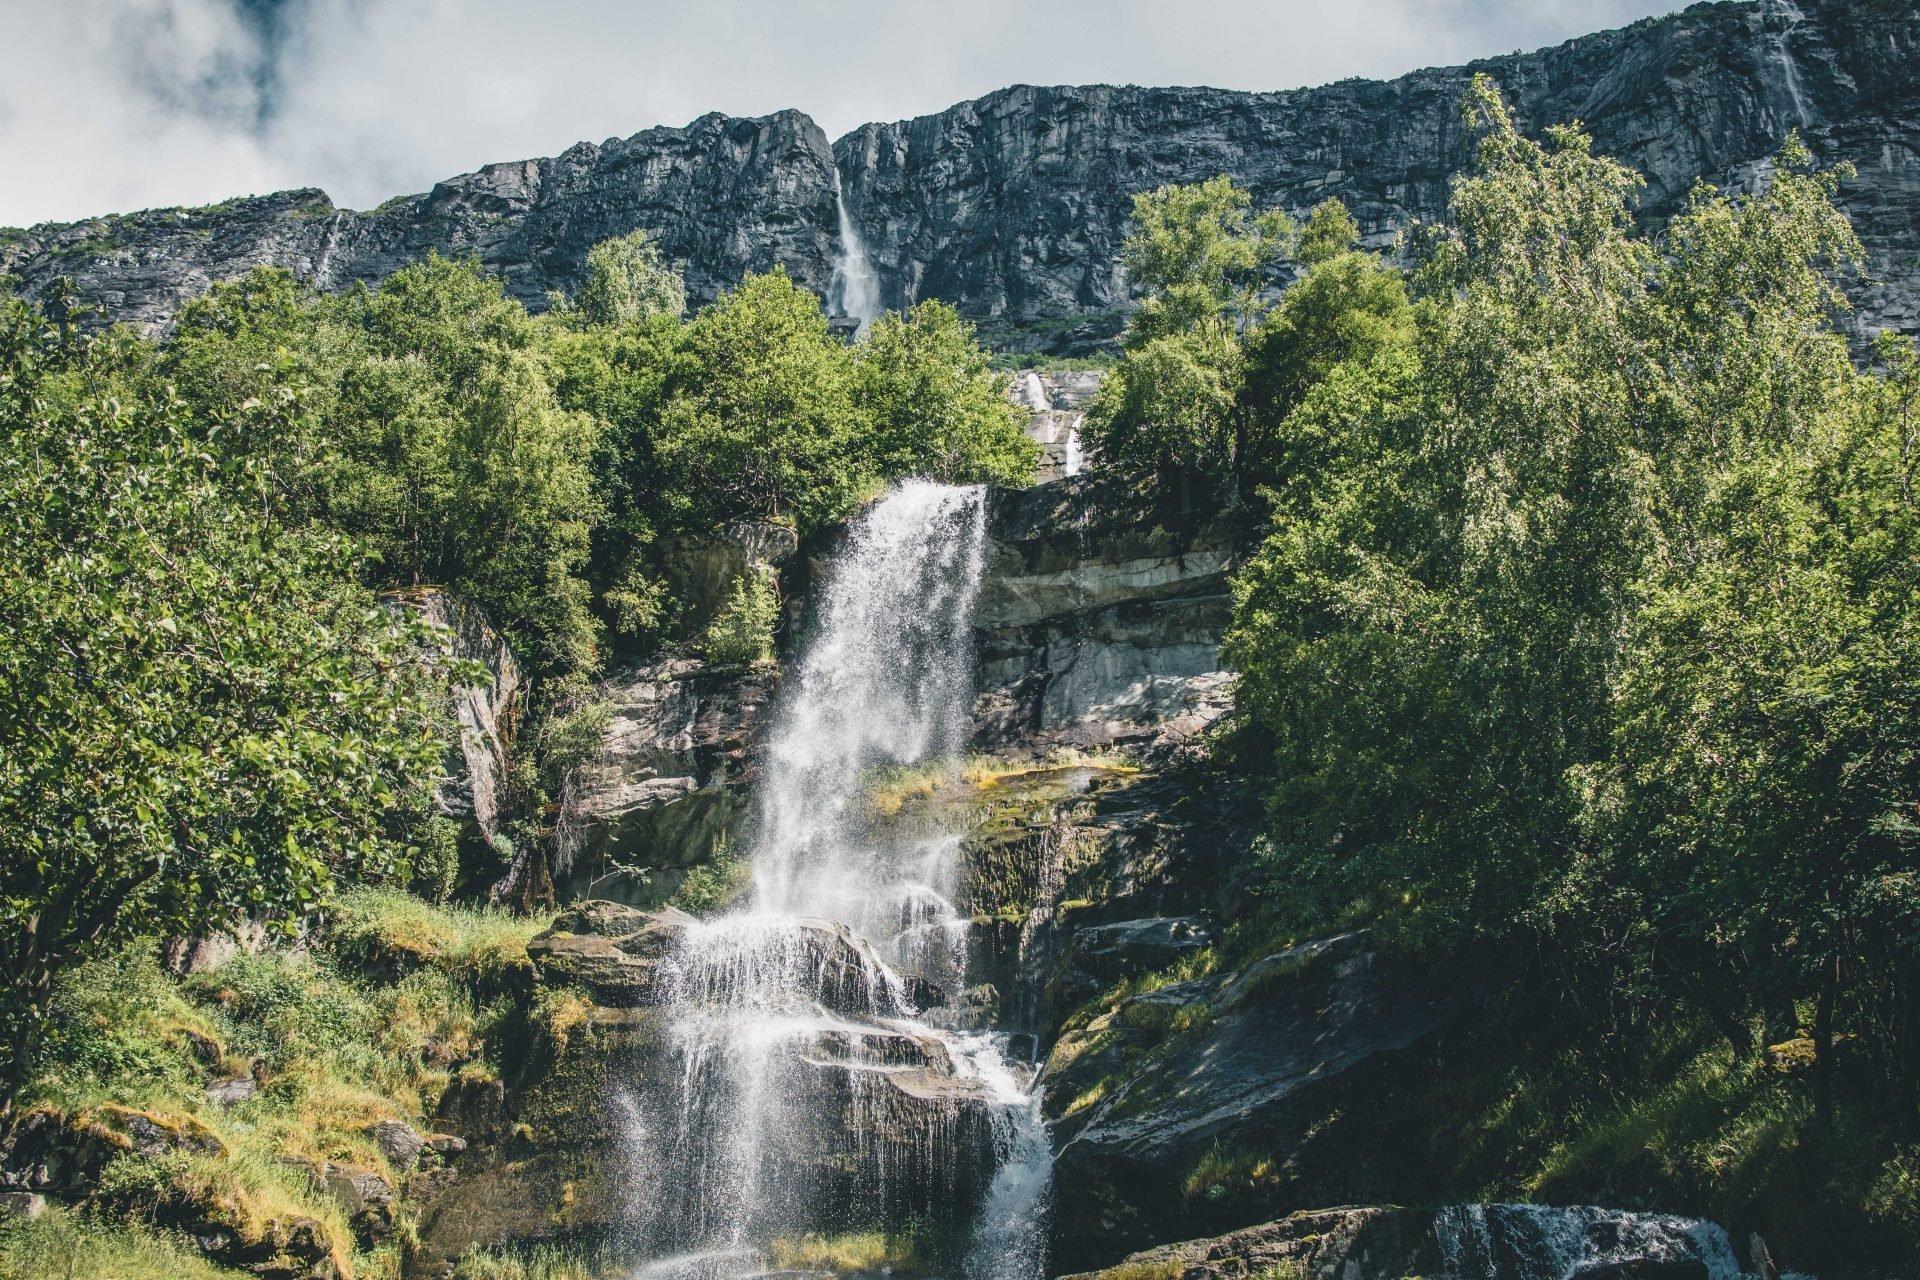 Najwyższy wodospad wNorwegii